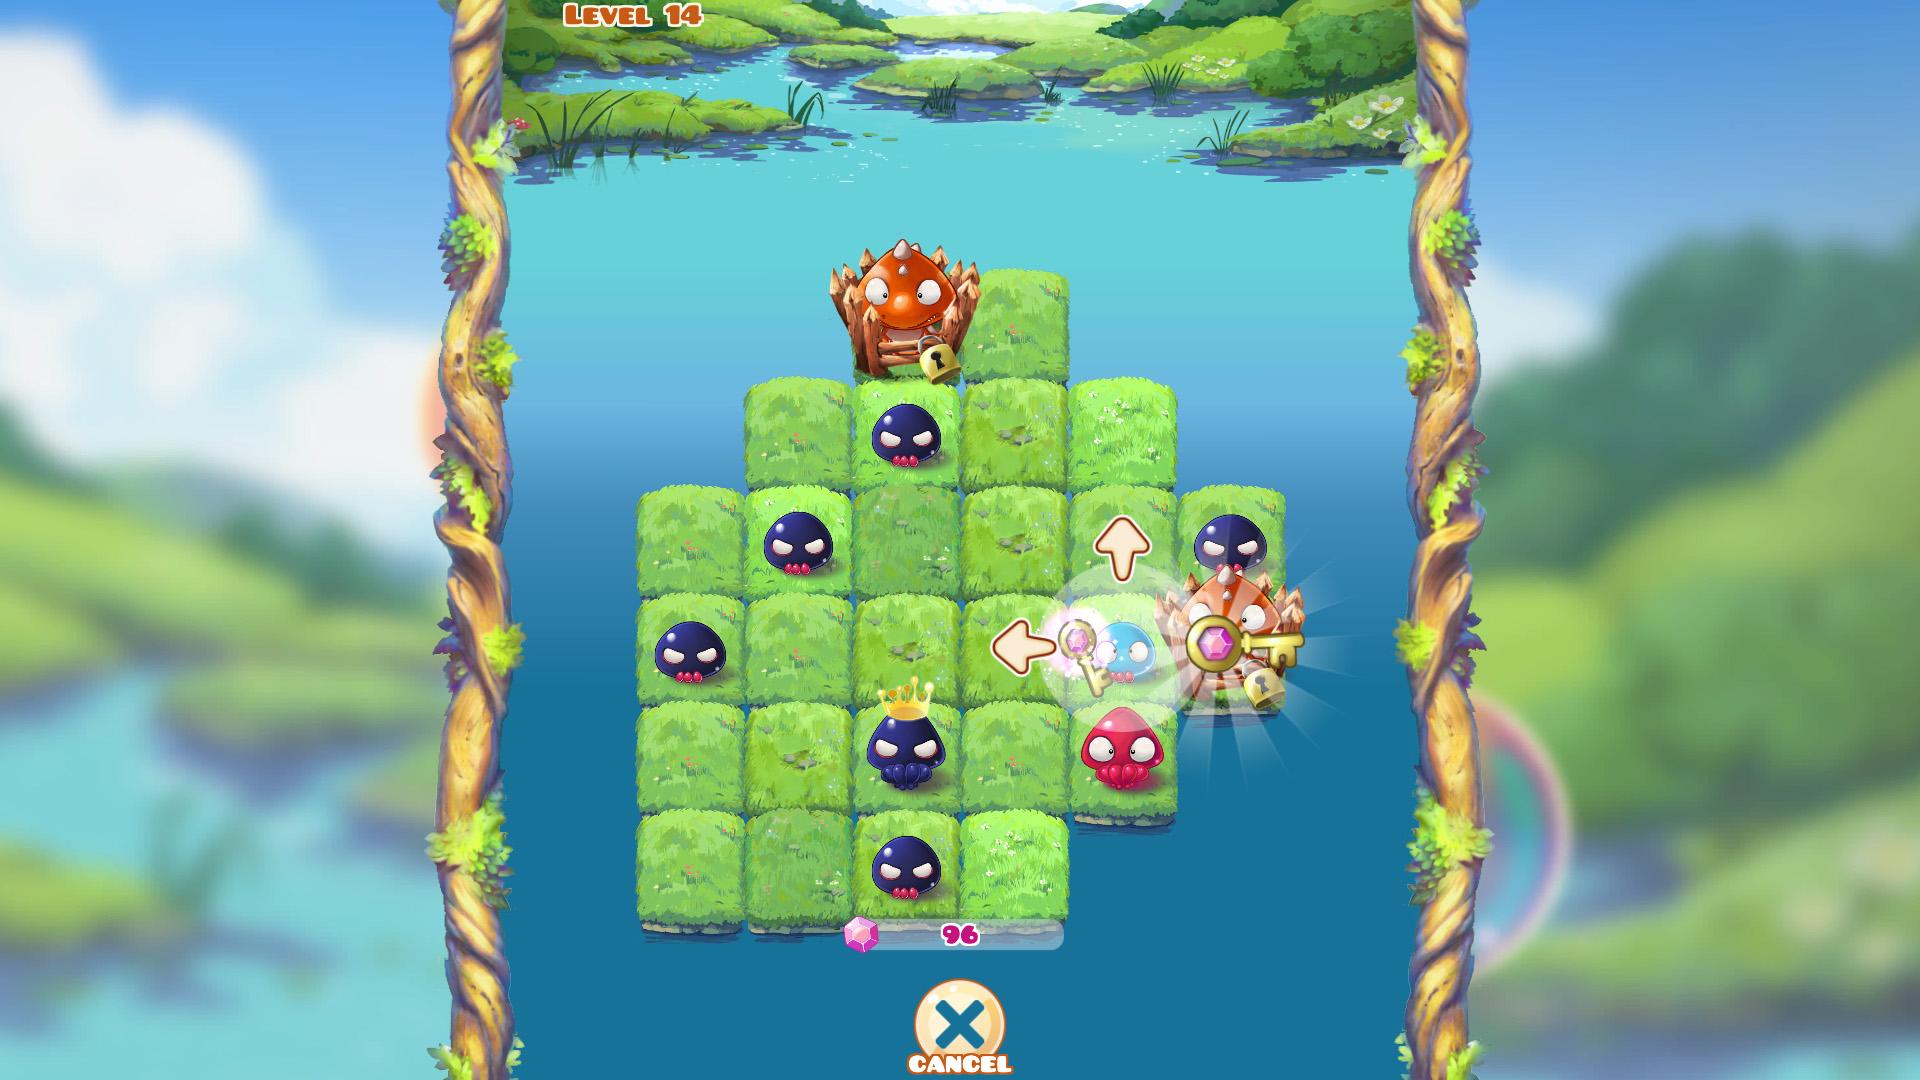 com.steam.495090-screenshot